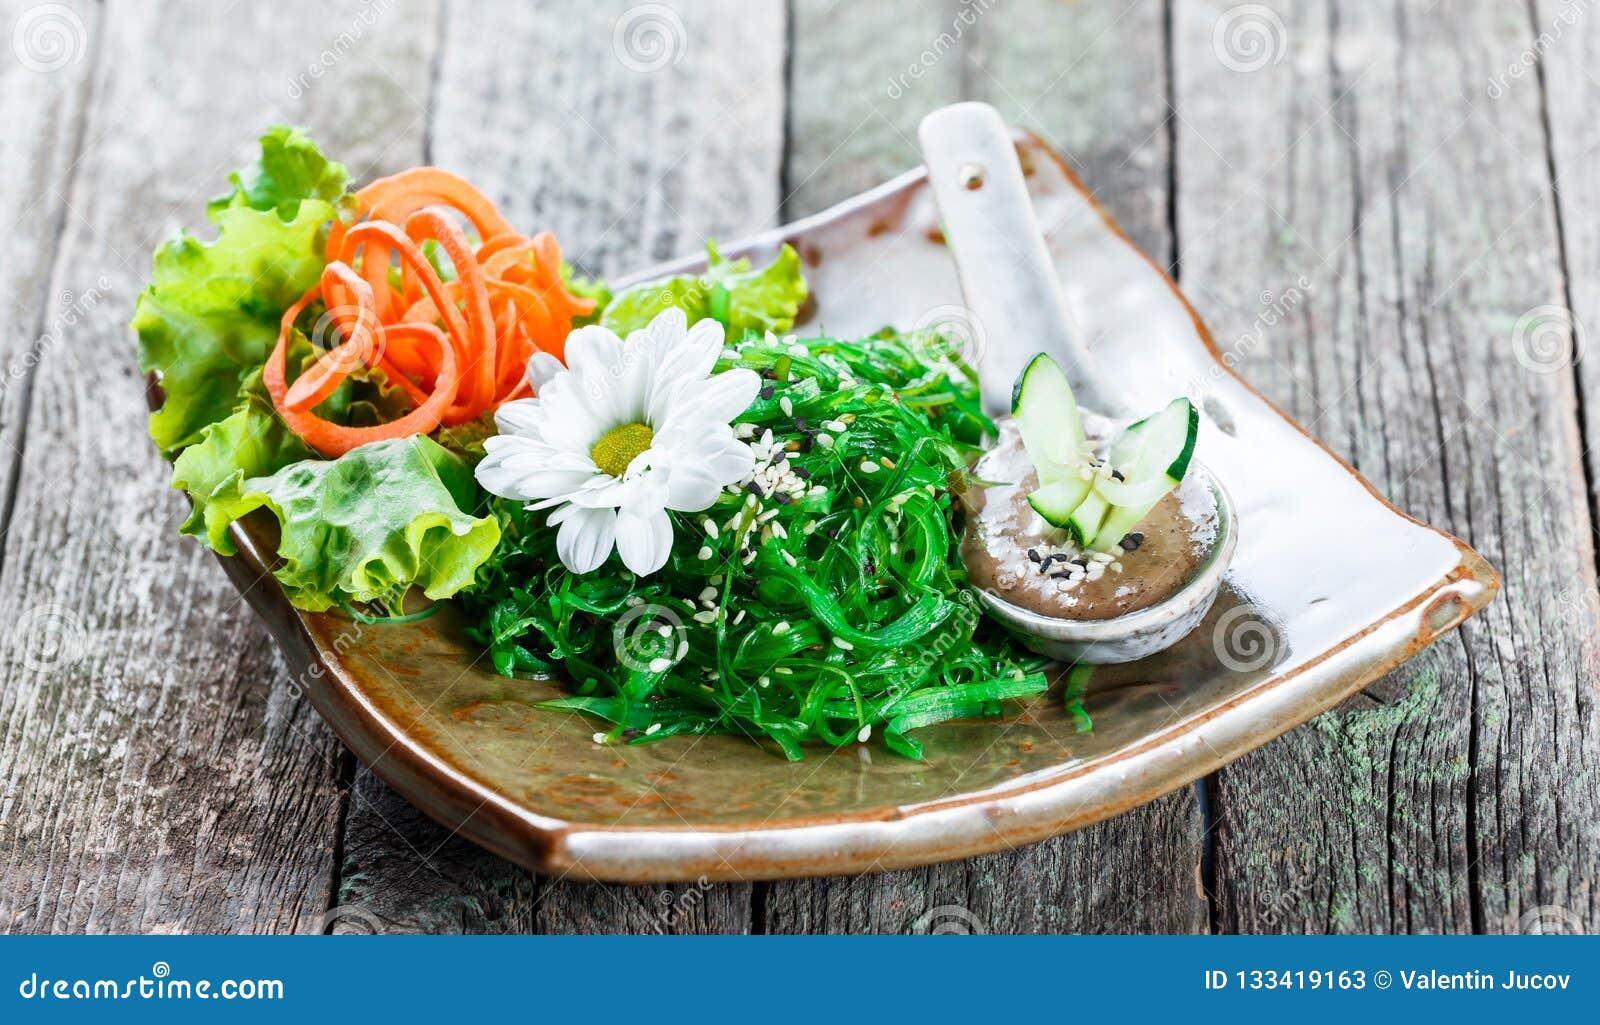 Meerespflanzen-Salat wakame in der Platte mit Essstäbchen auf Bambusmatte Japanische Küche - gesunde Meeresfrüchte